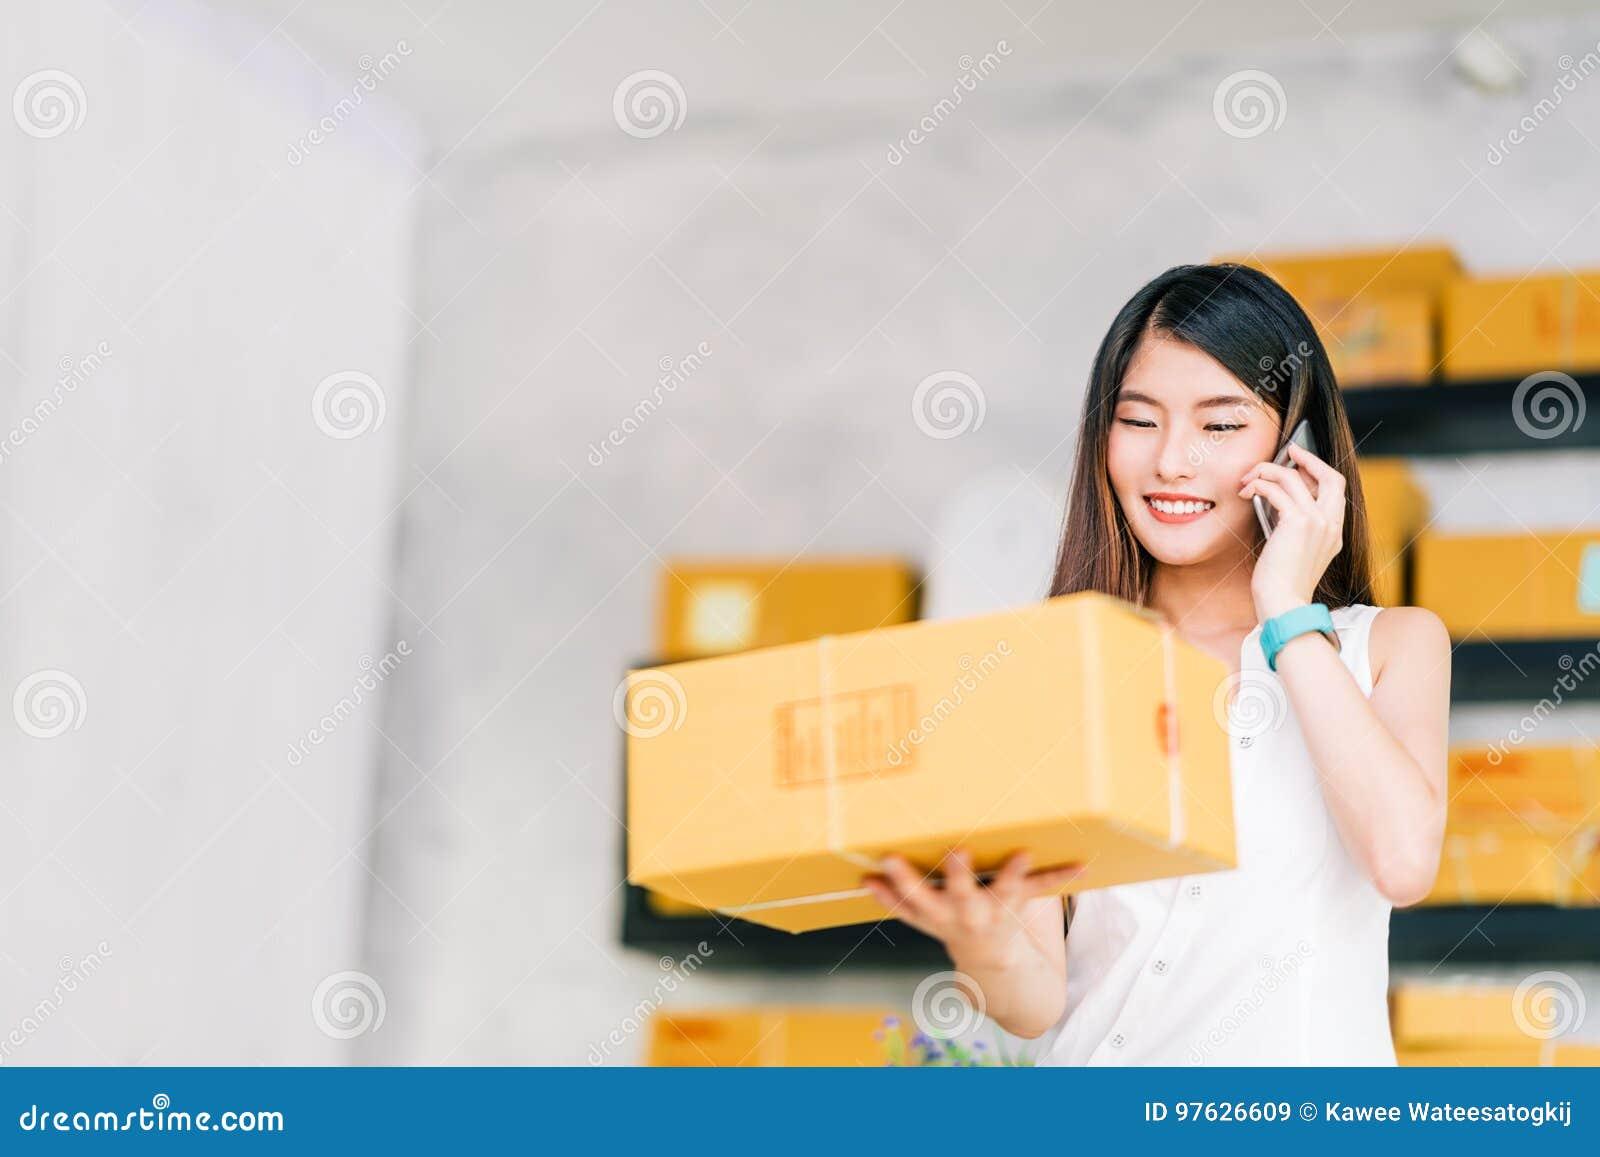 Предприниматель мелкого бизнеса, азиатская коробка пакета владением женщины, используя звонок мобильного телефона получая заказ н